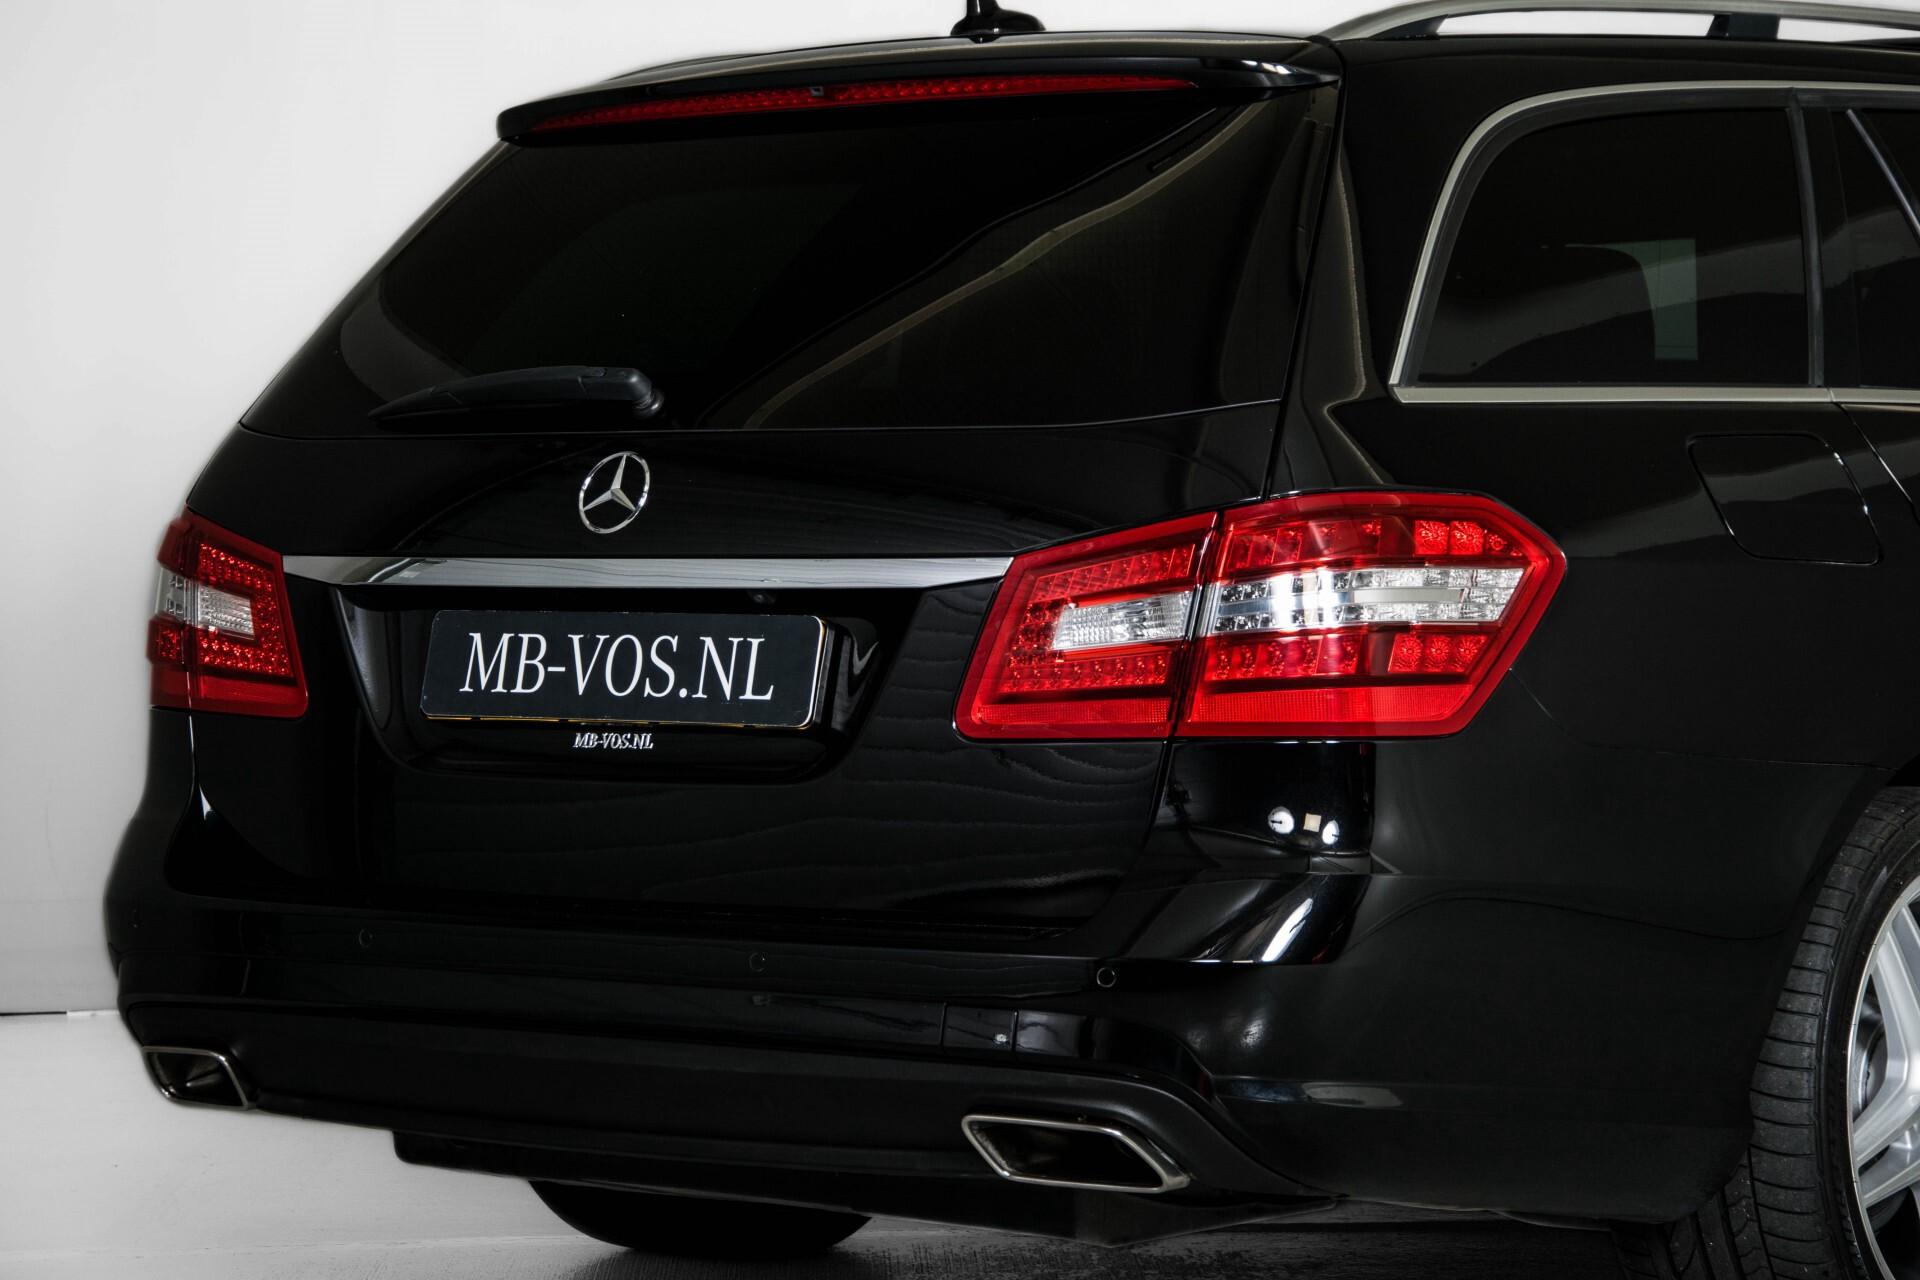 Mercedes-Benz E-Klasse Estate 350 Cdi AMG Luchtvering/Schuifdak/Comand/Harman Kardon/ILS Aut7 Foto 53